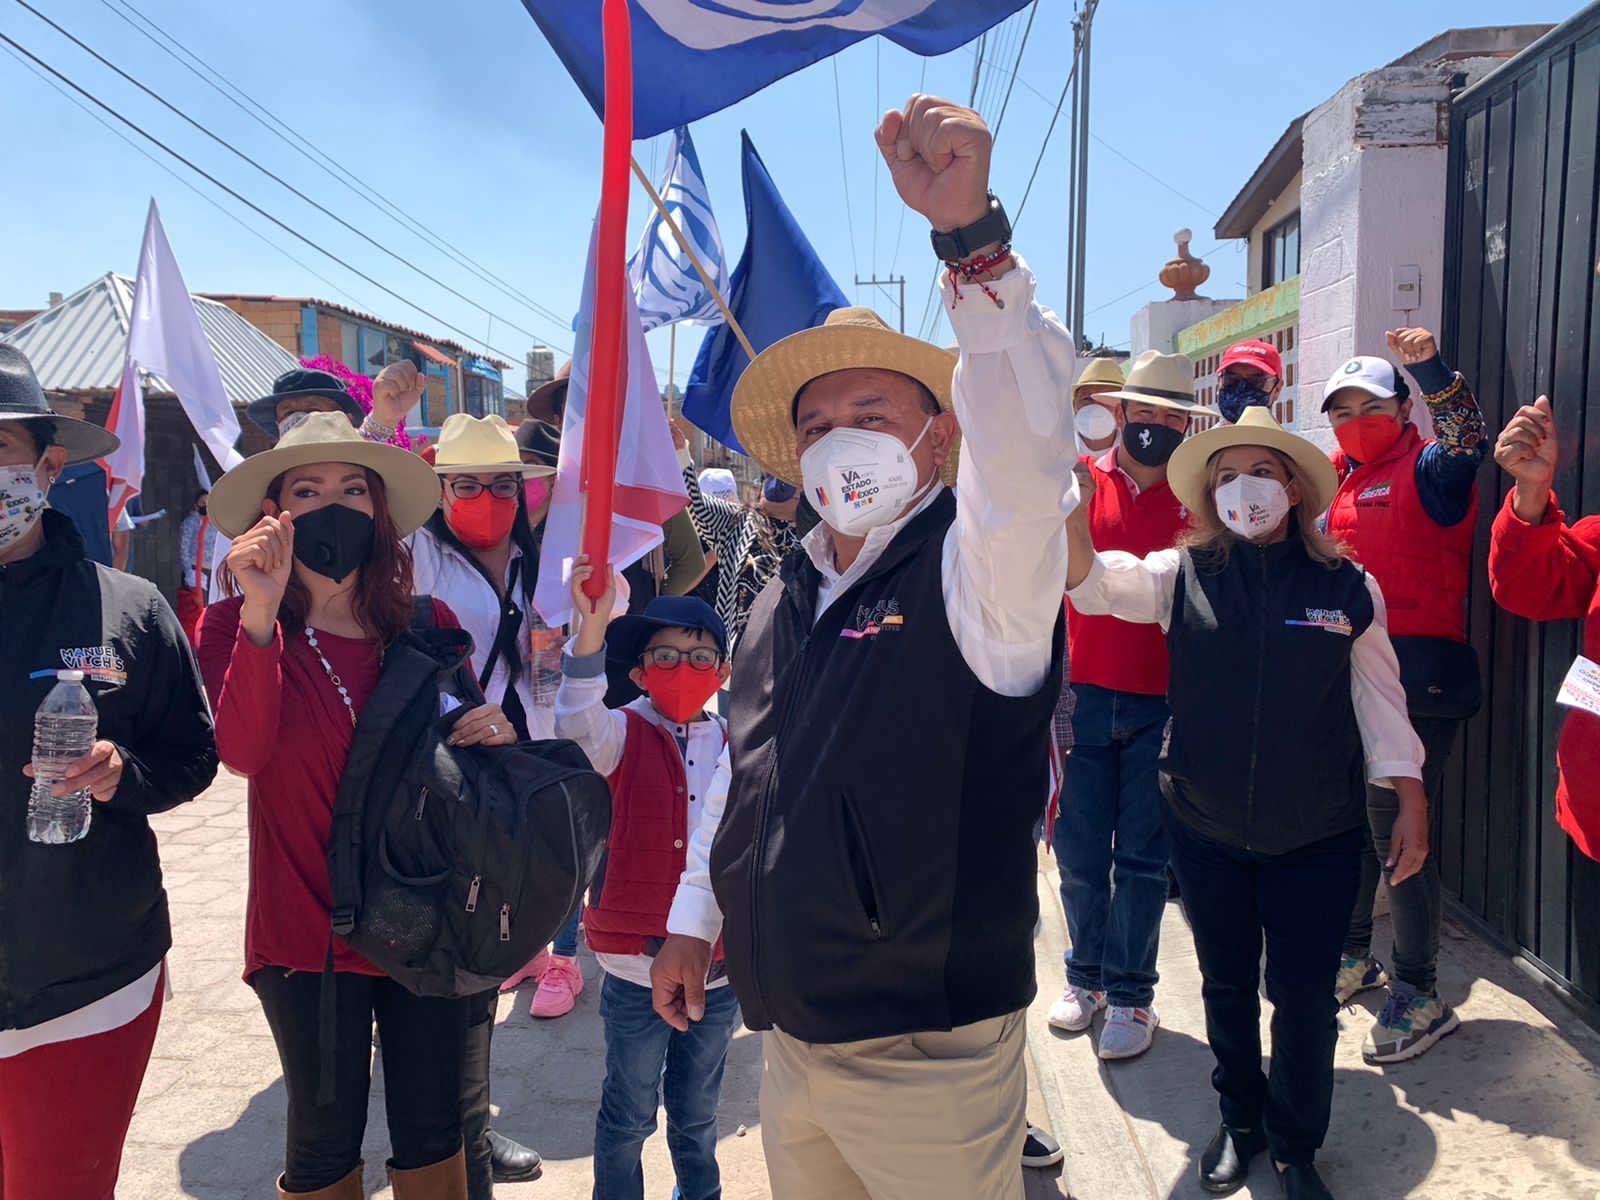 Zinacantepec no se equivocará de nuevo y votarán por nuestro proyecto: Manuel Vilchis